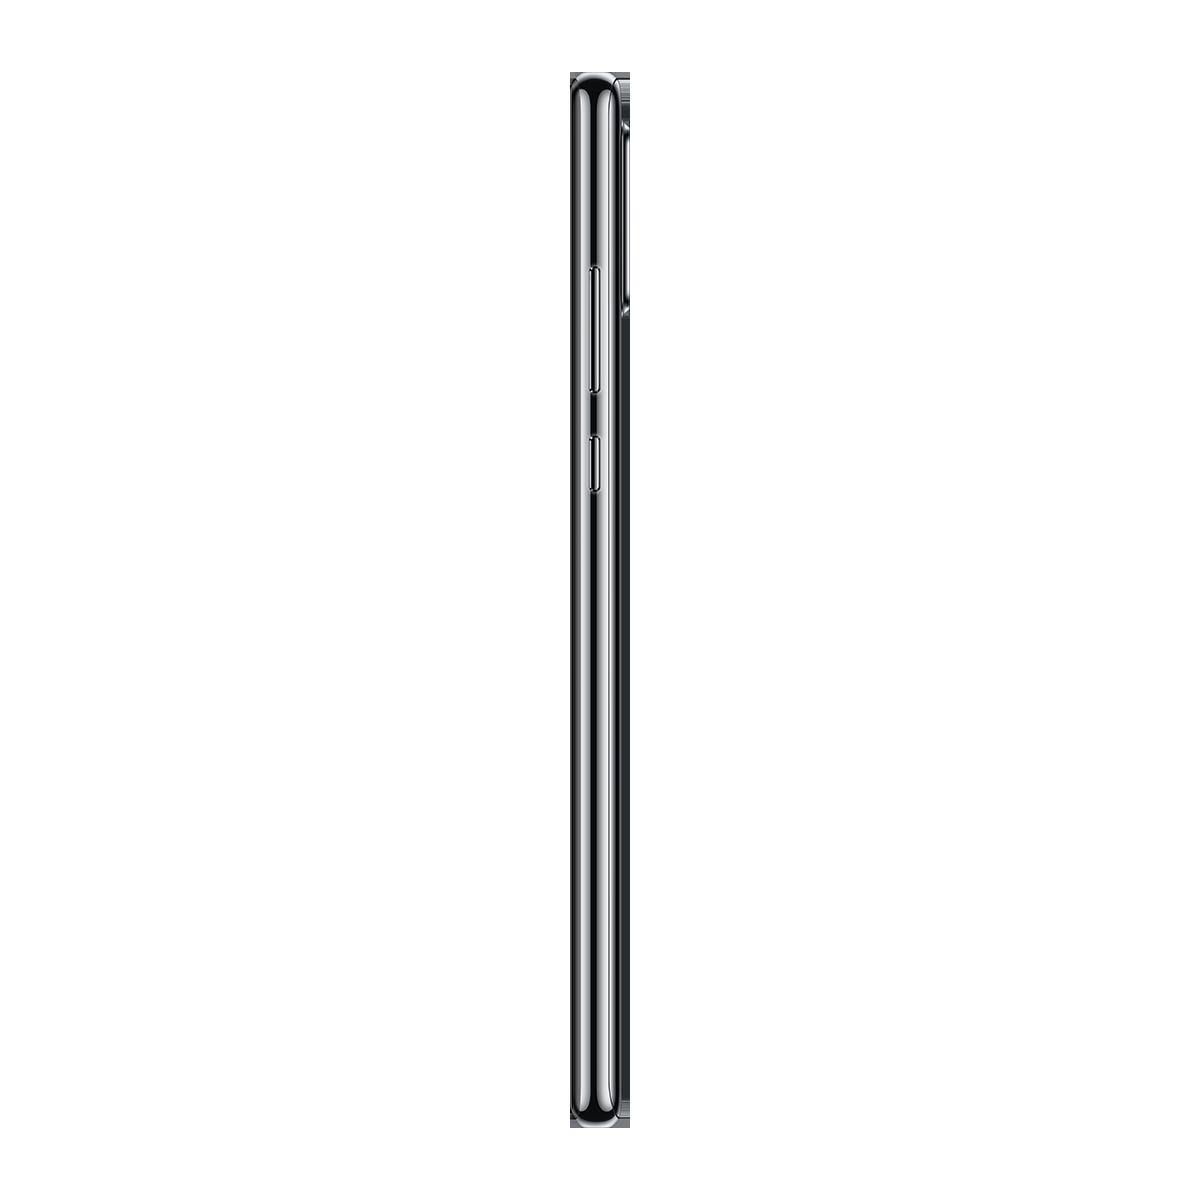 Huawei P30 Lite   Mobile   Videotron